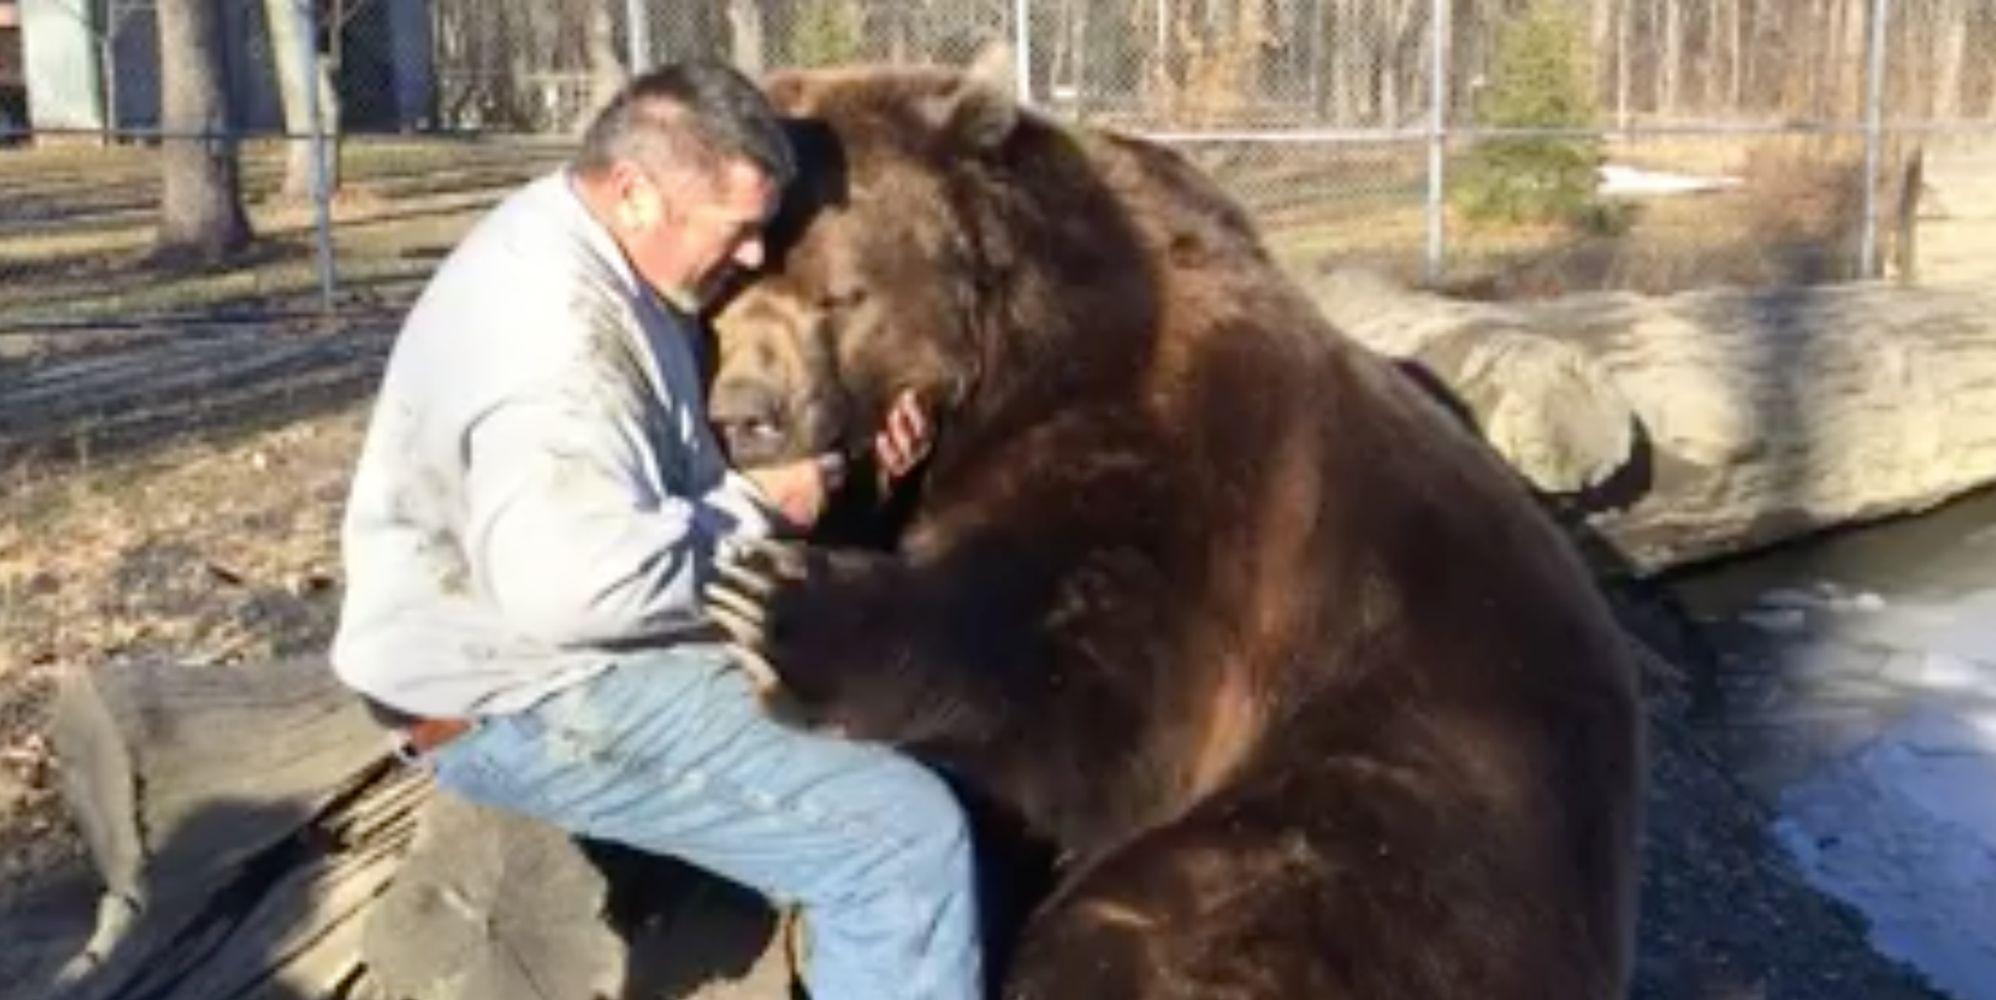 Fearless Man Sees 1500 Pound Kodiak As Big Cuddly Teddy